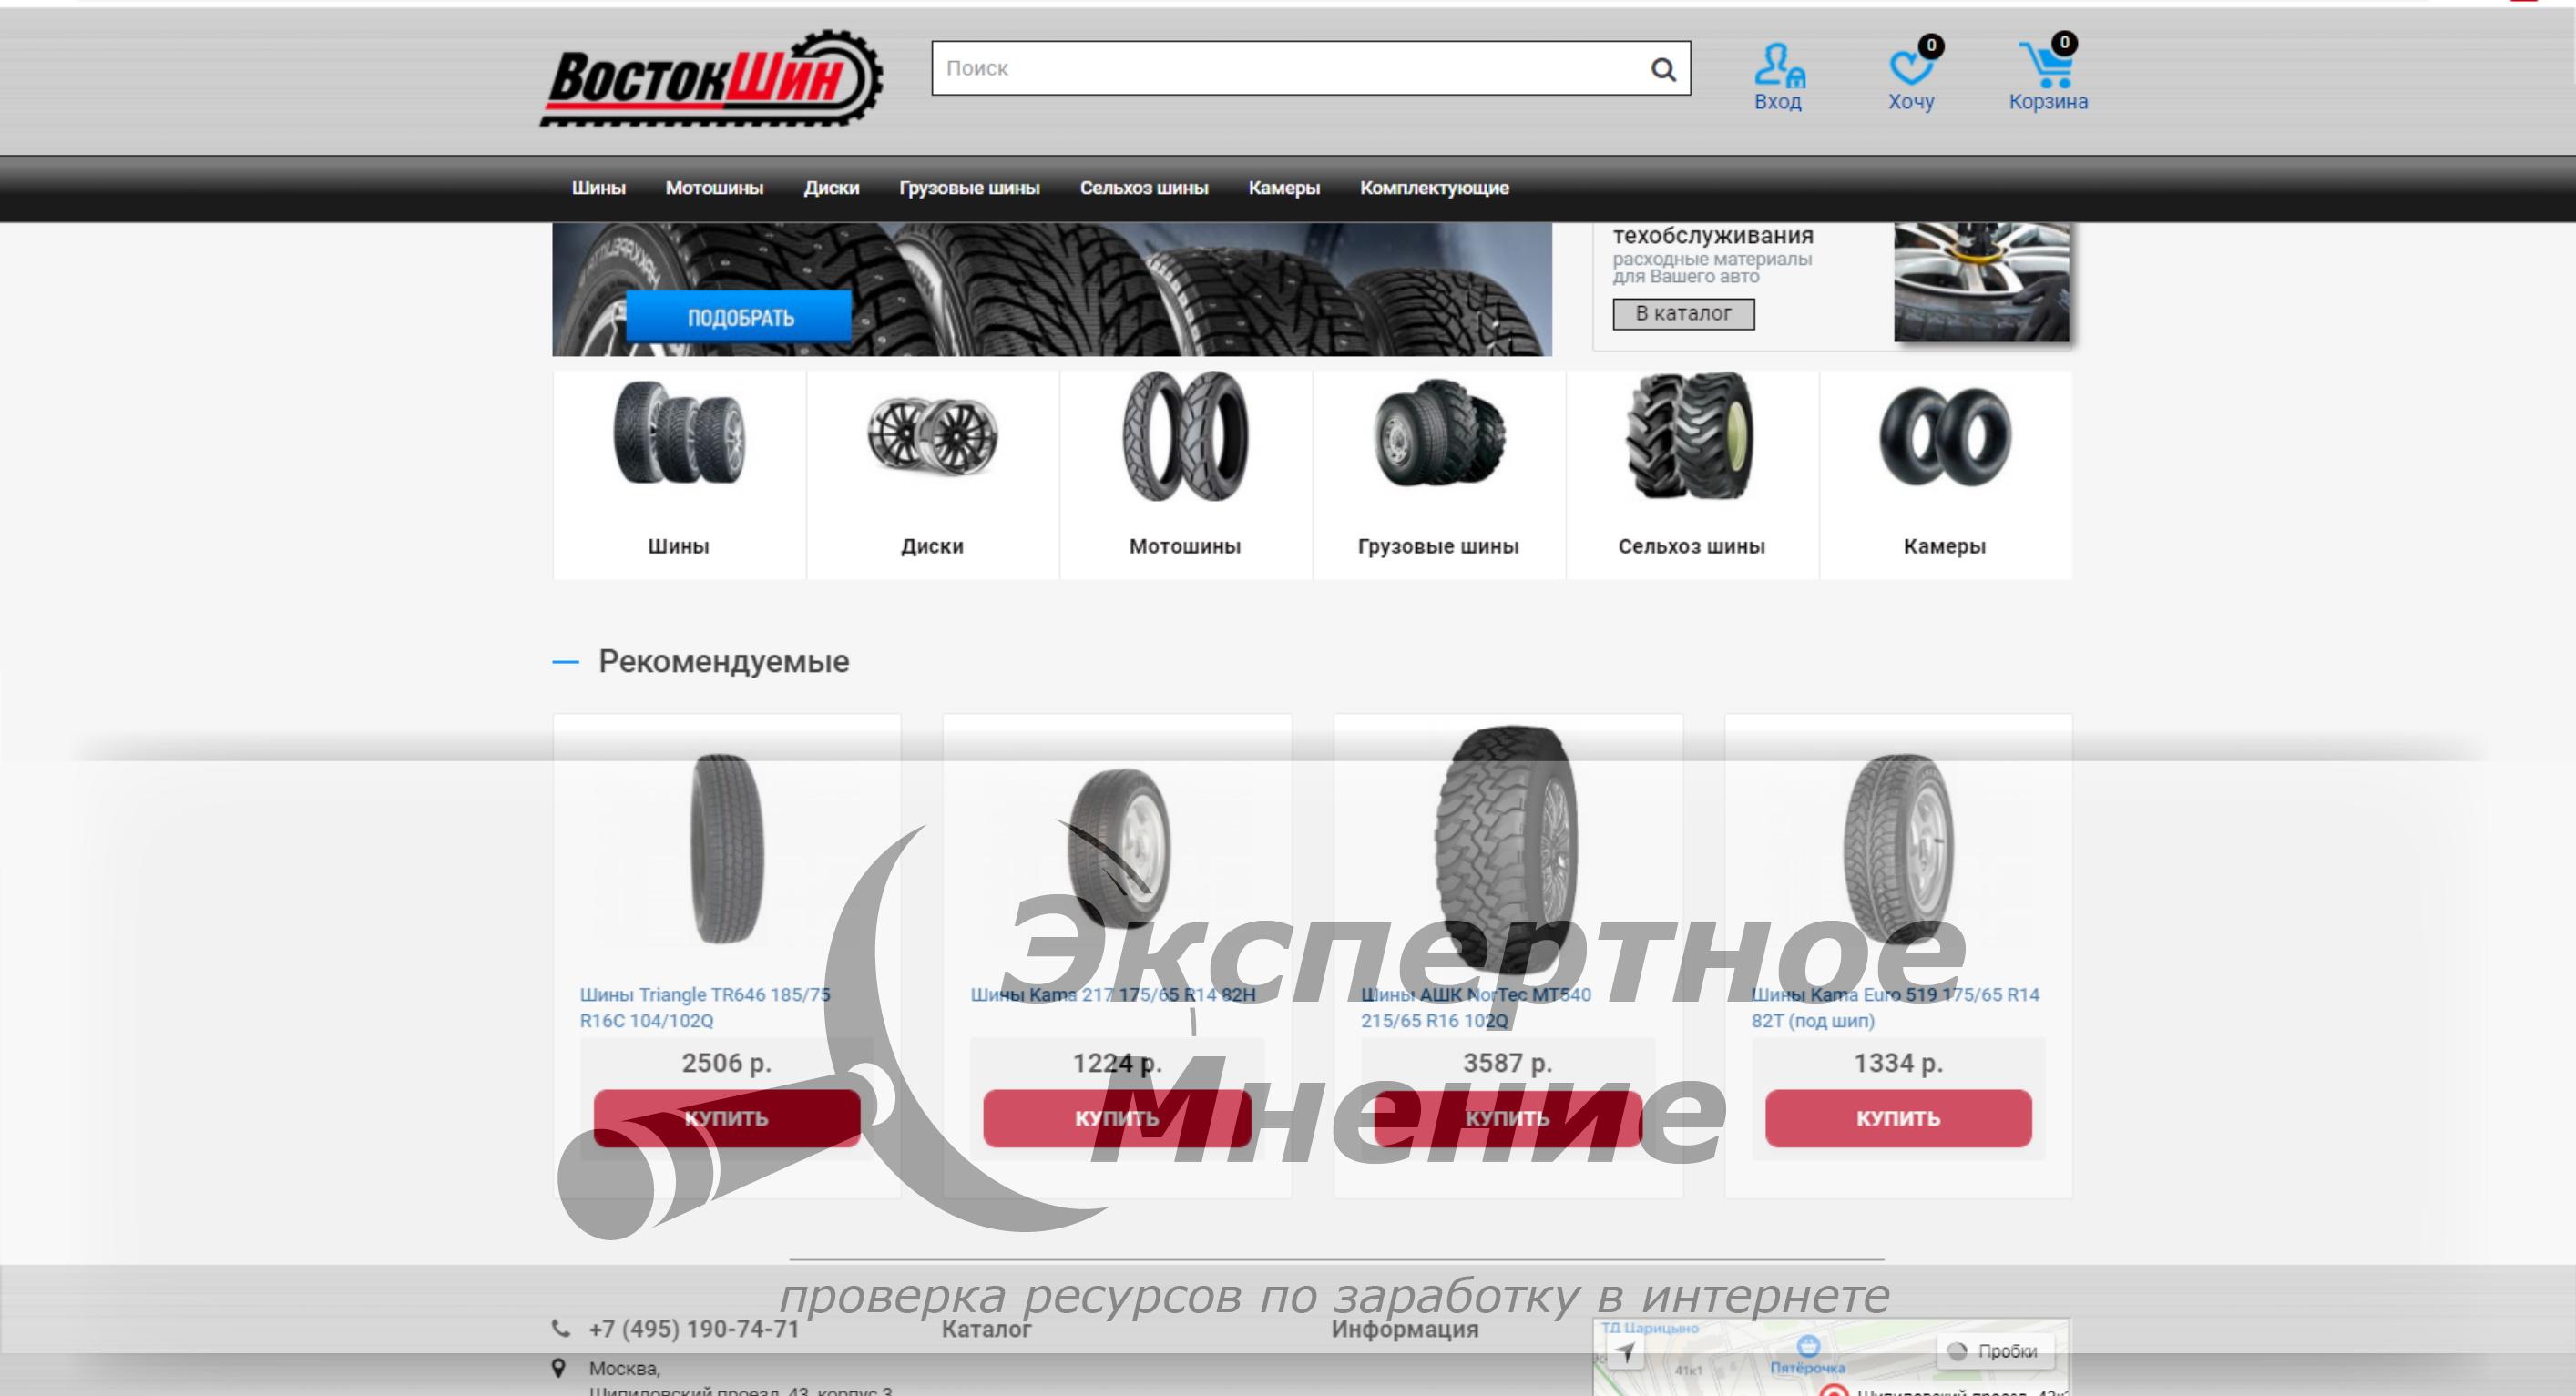 ВостокШин интернет магазин отзывы